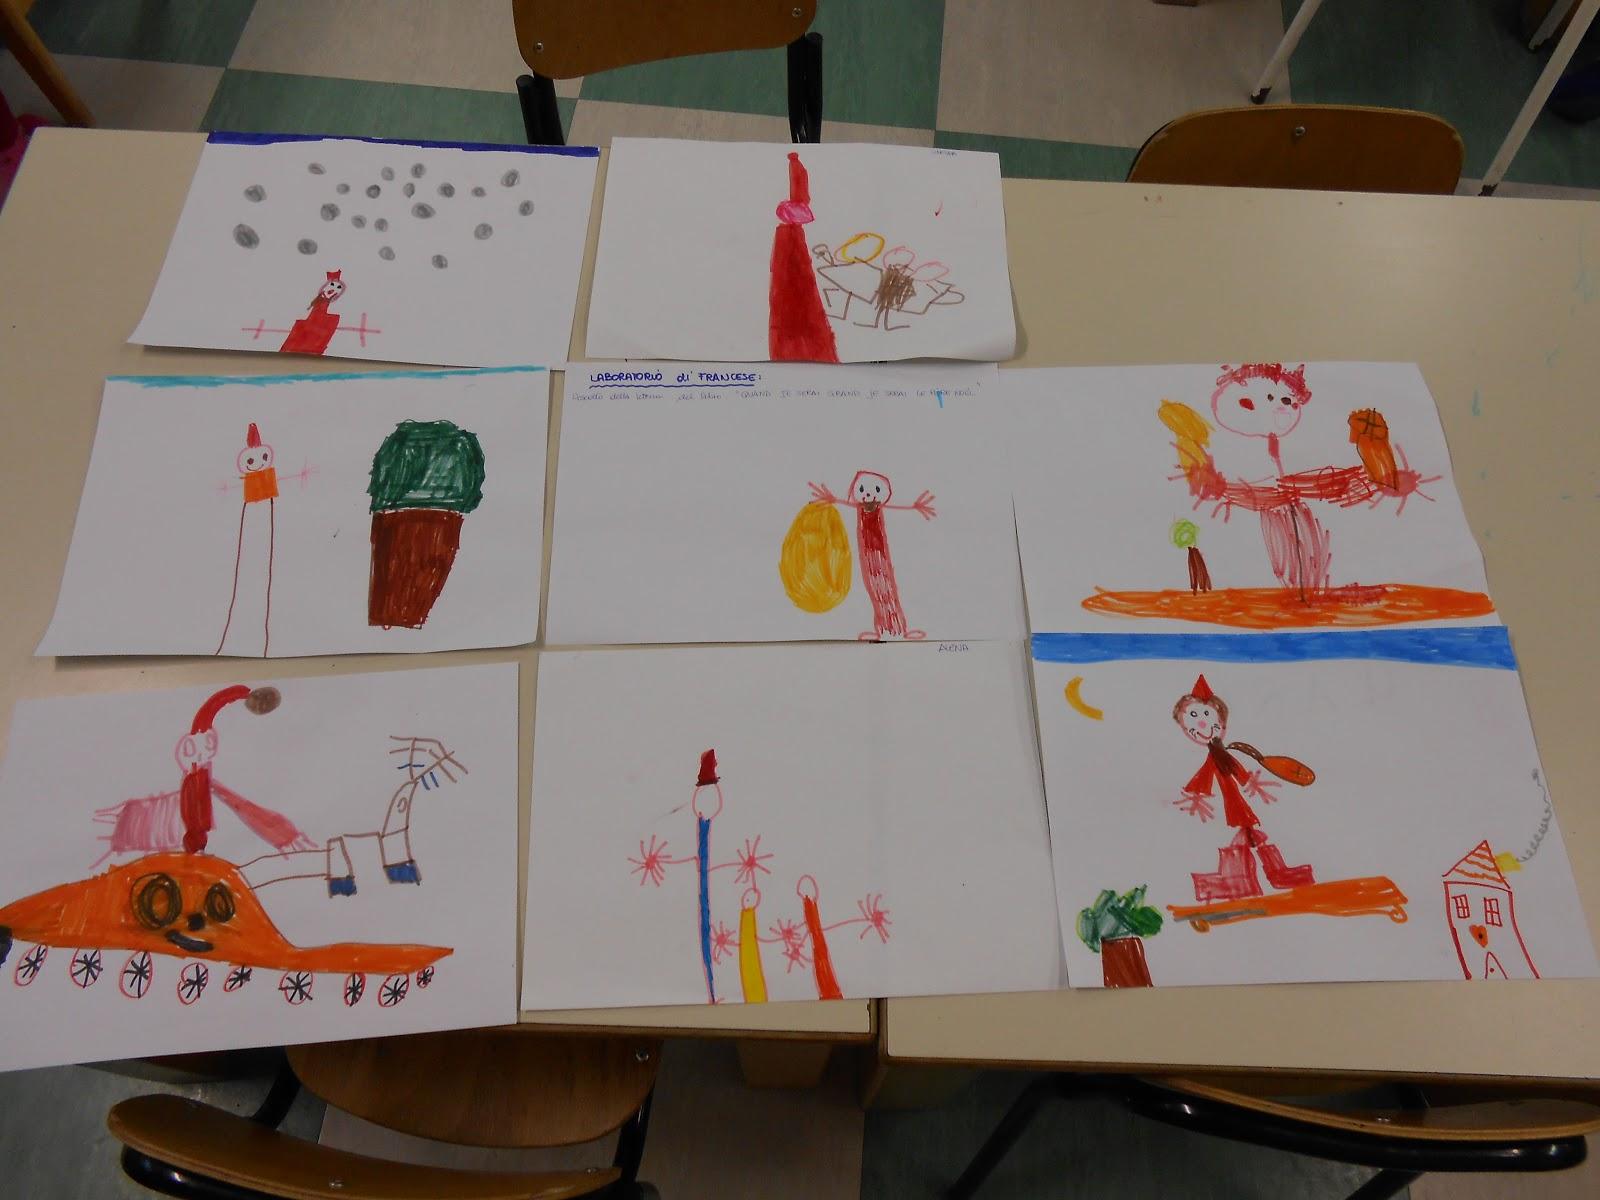 Jennifer baret progetto jules verne 2012 2013 le feste in for Scuola materna francese